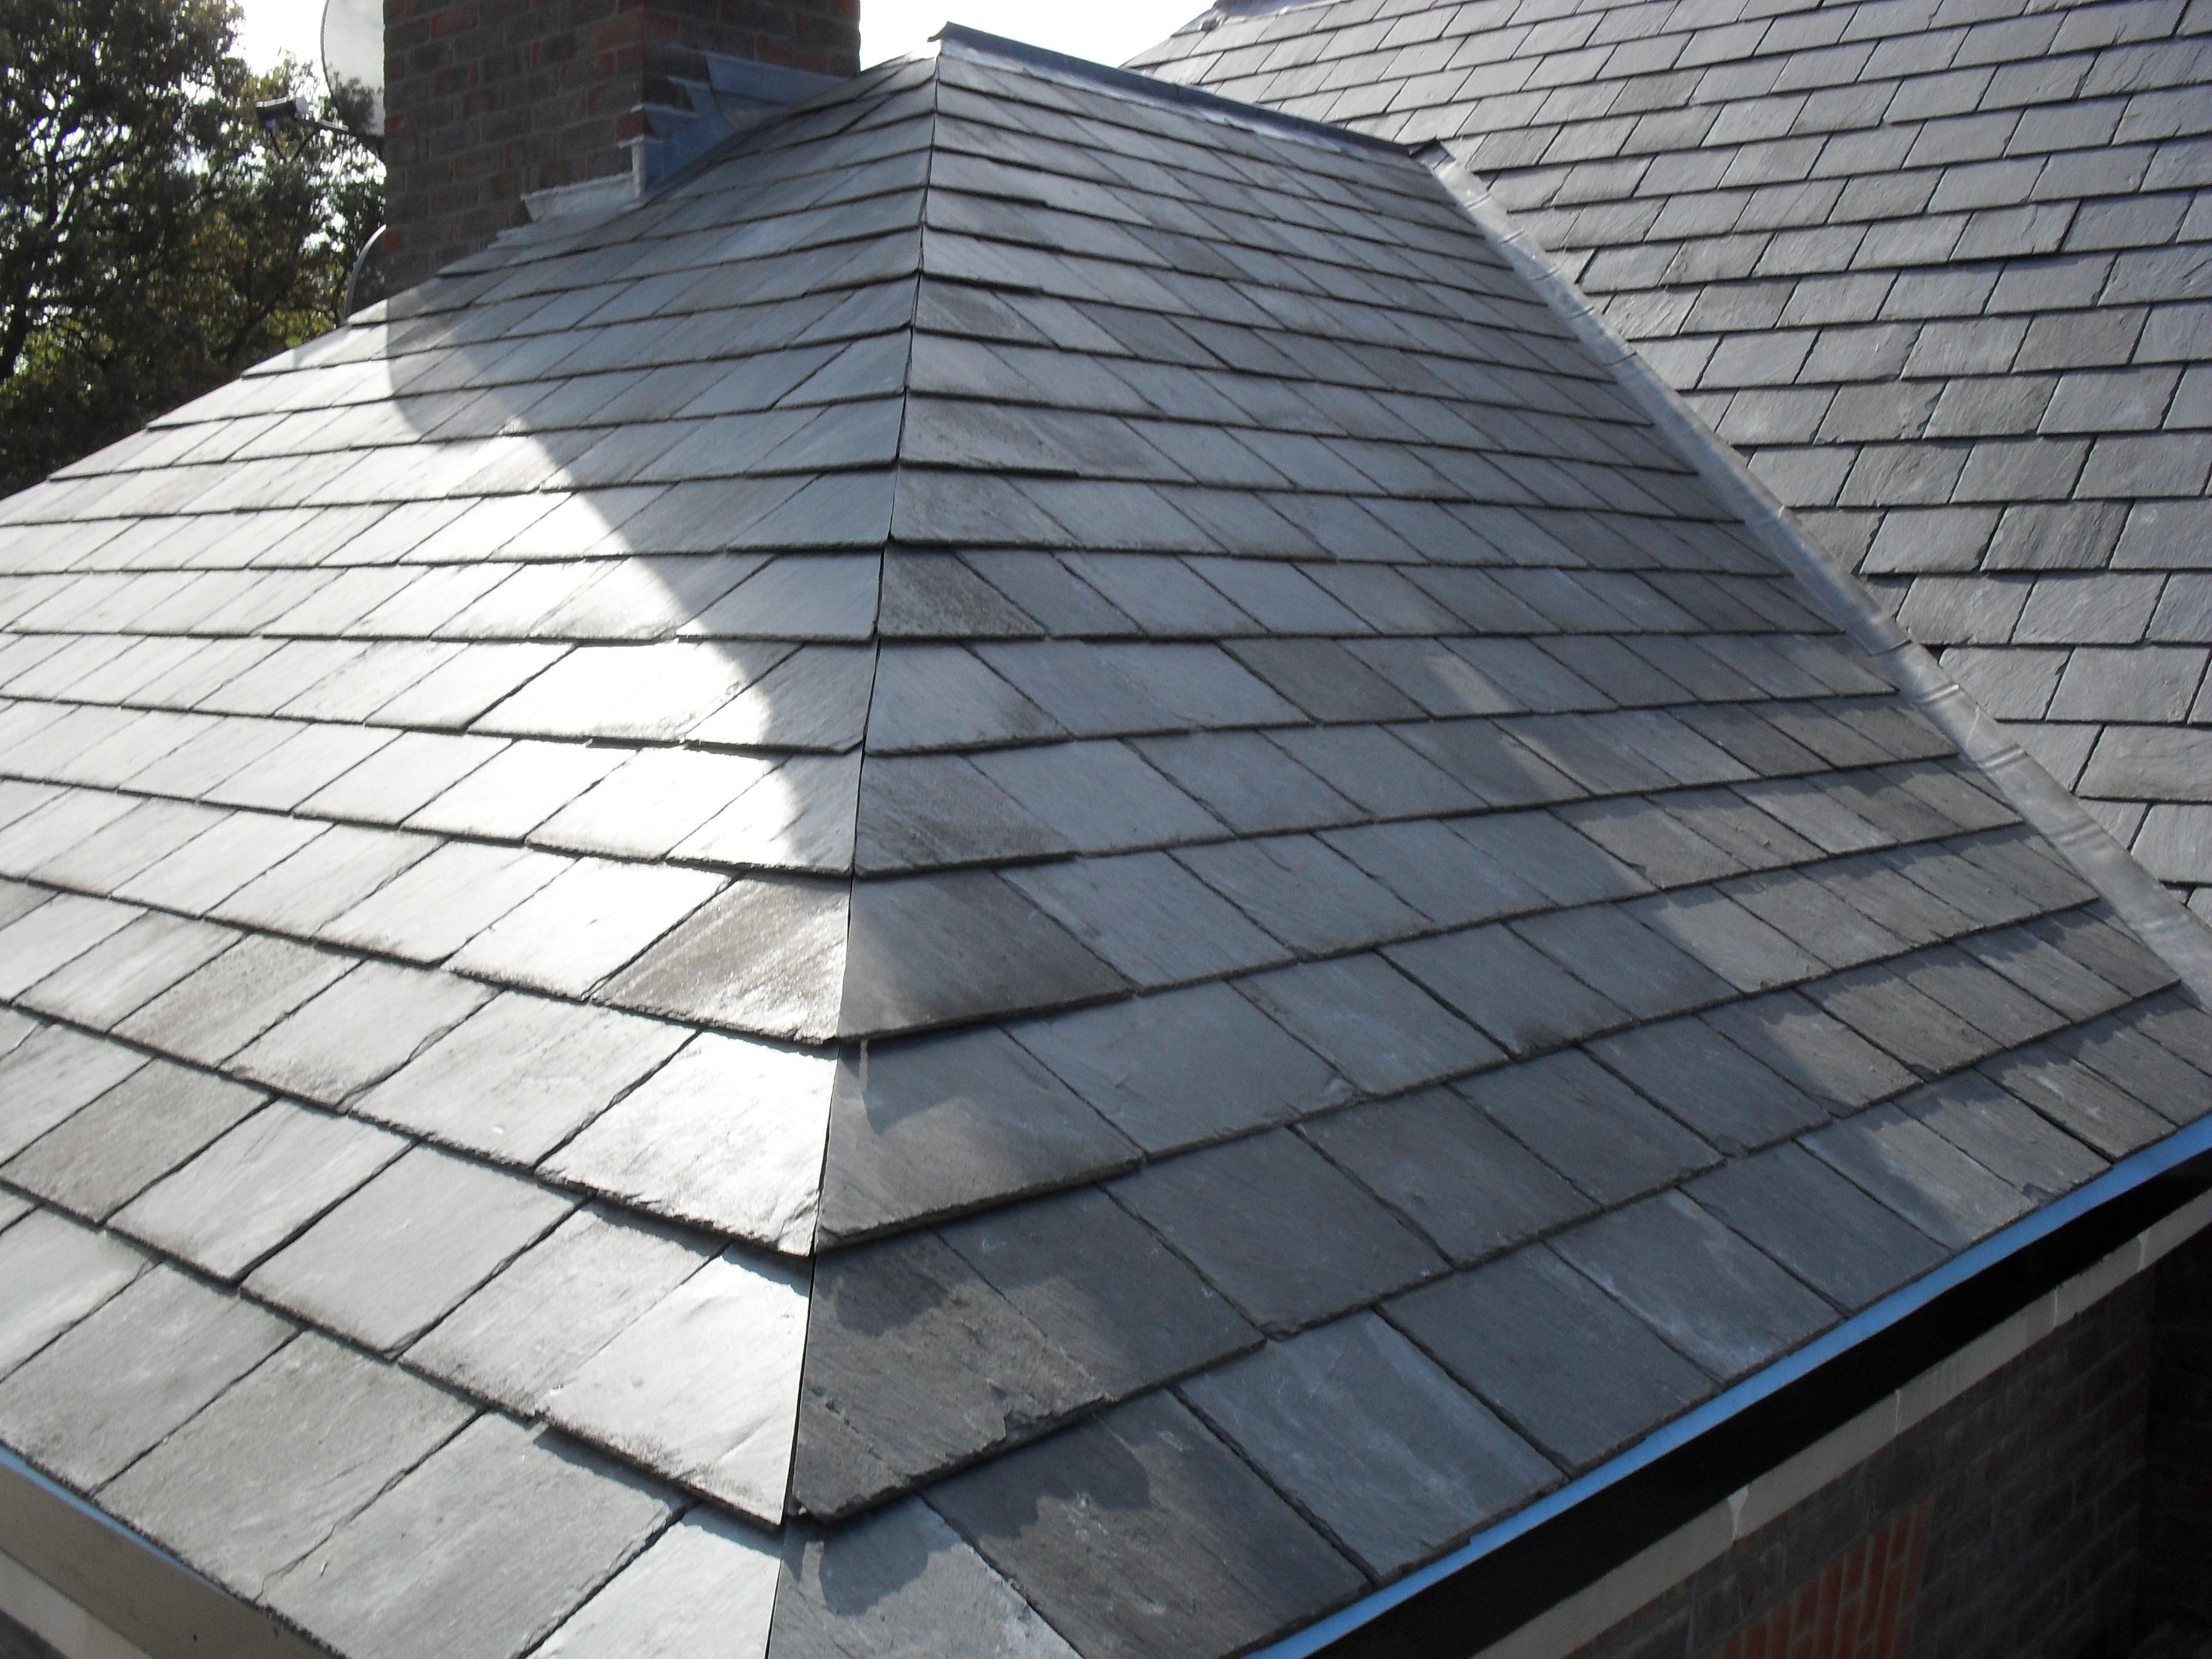 Roofing Company Virginia Beach Virginia Roofers Virginia